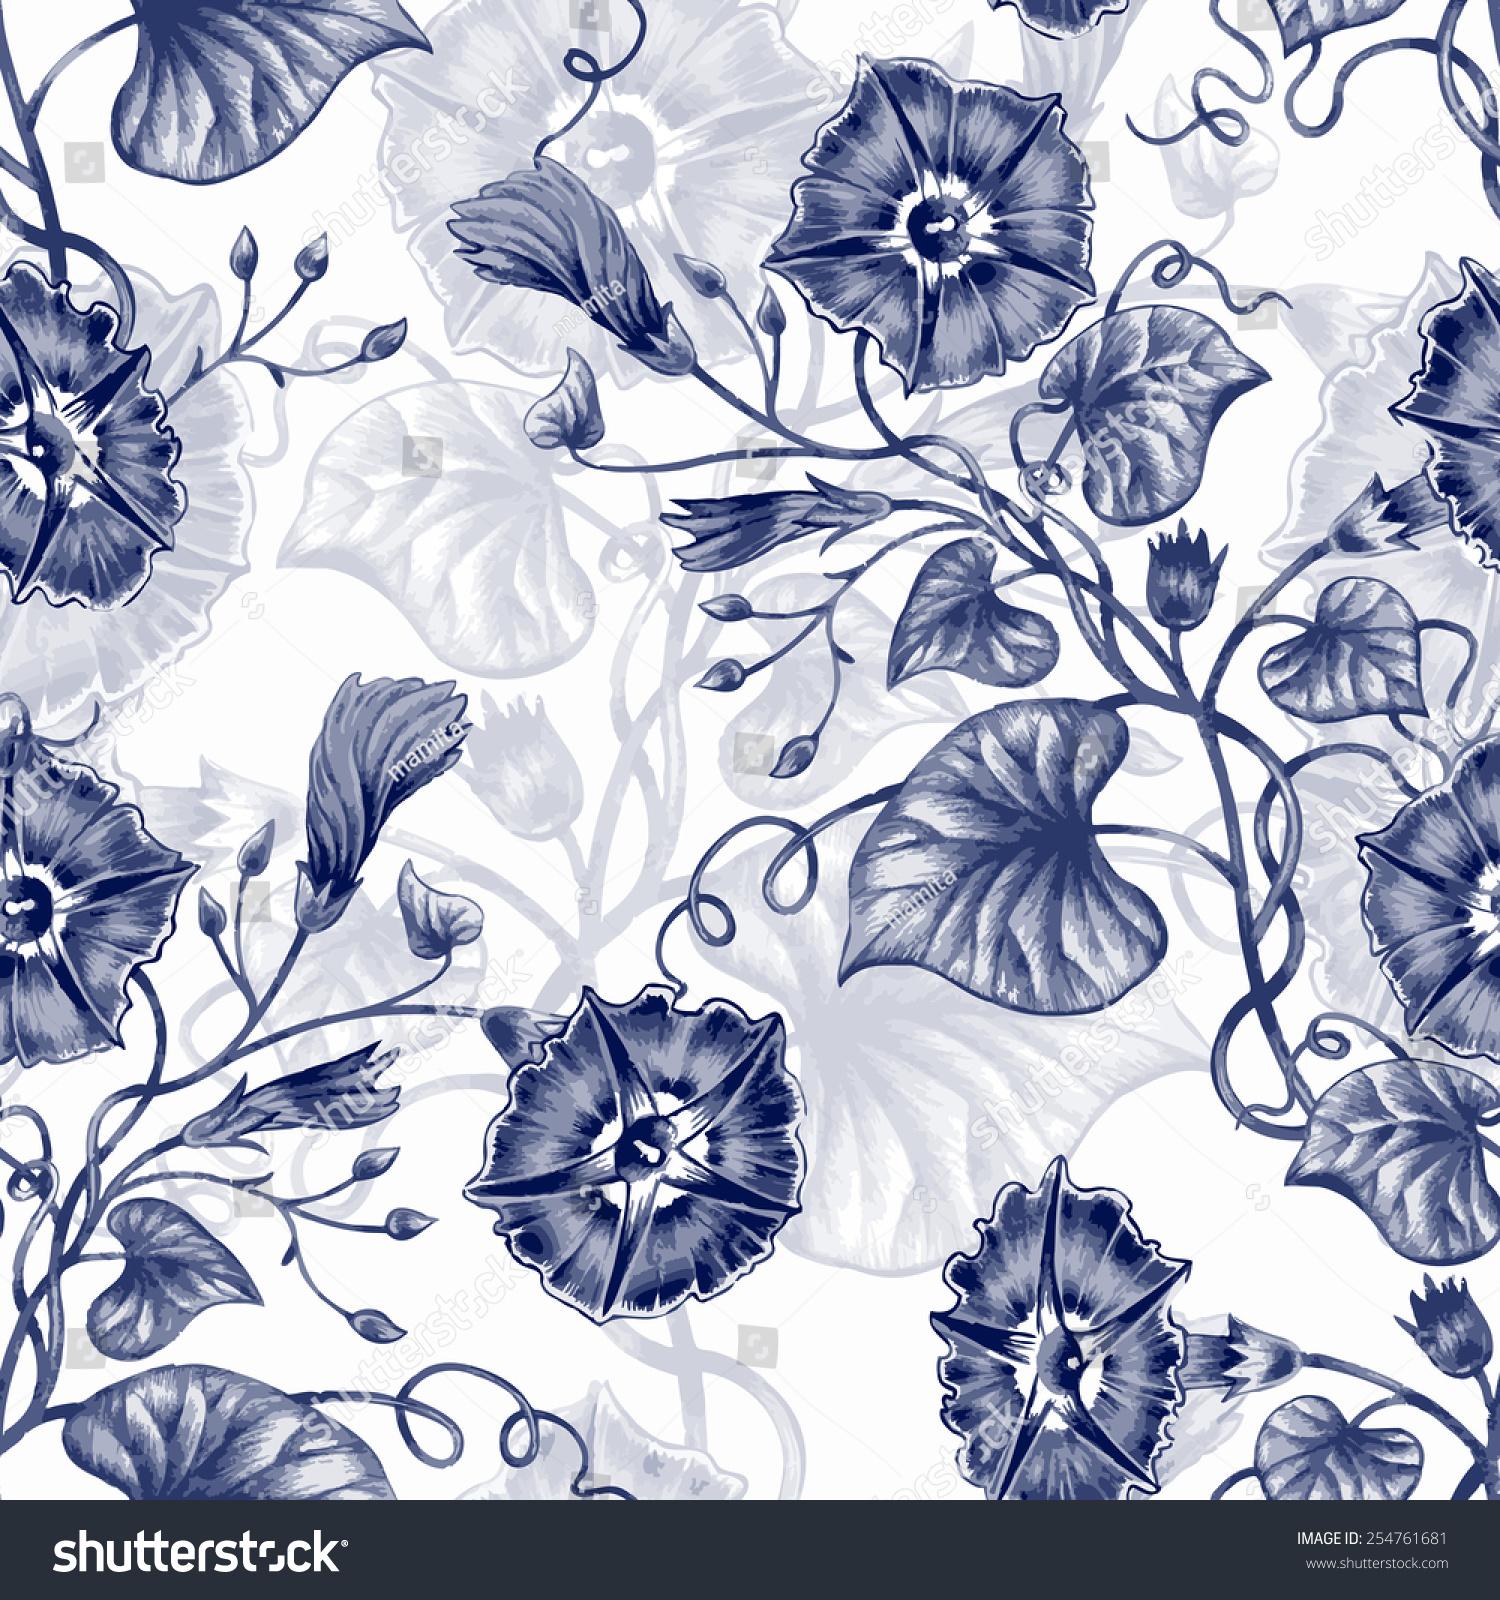 设计面料,纺织品,纸张,壁纸,网络.旋花类.复古.复古风格.